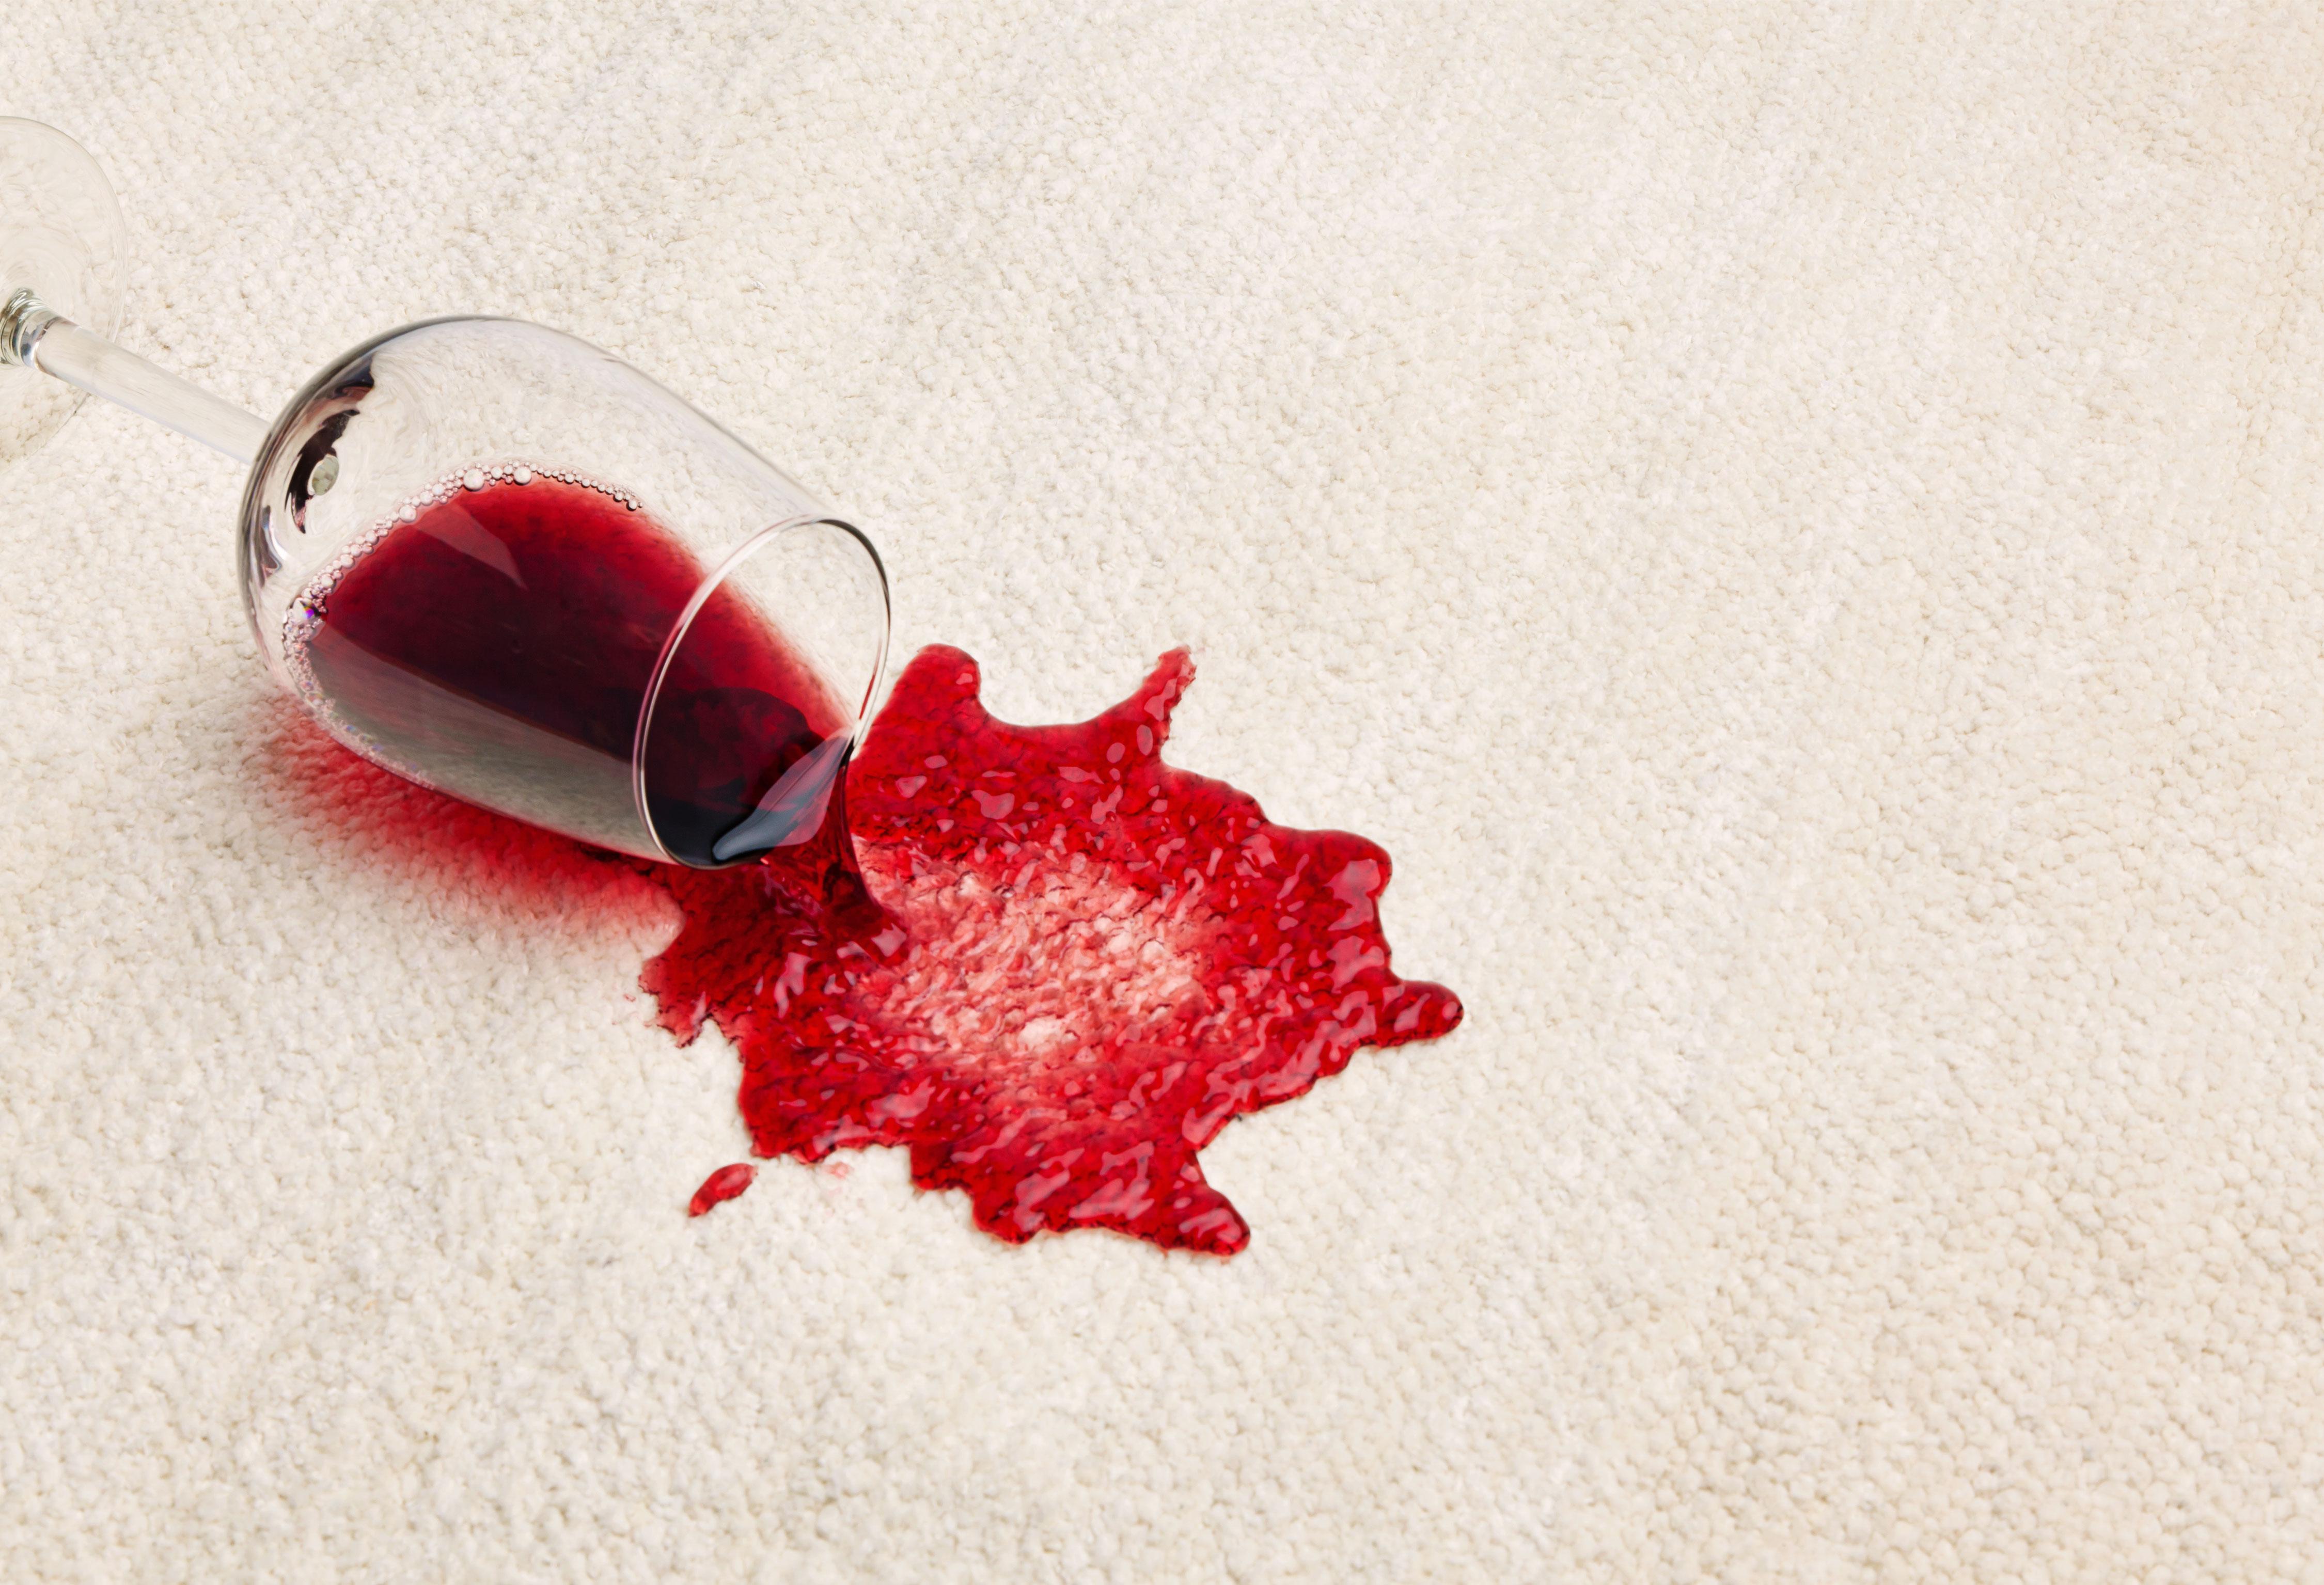 Ausgeschüttetes Rotweinglas auf weißem Teppich